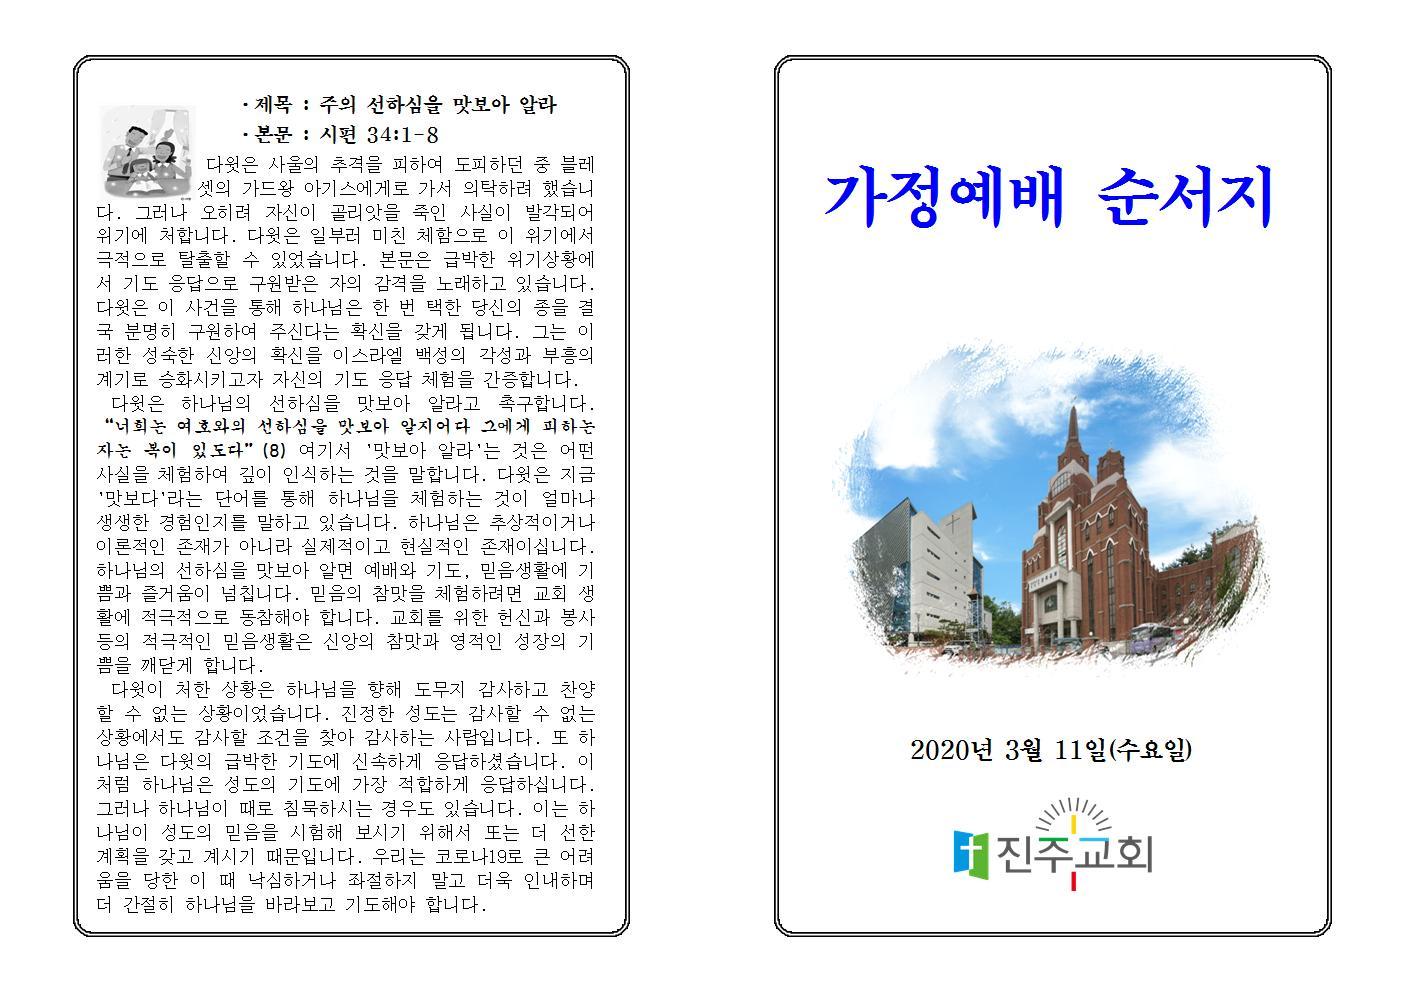 수요일(20200311) 진주교회 가정예배순서지 입니다.002.jpg